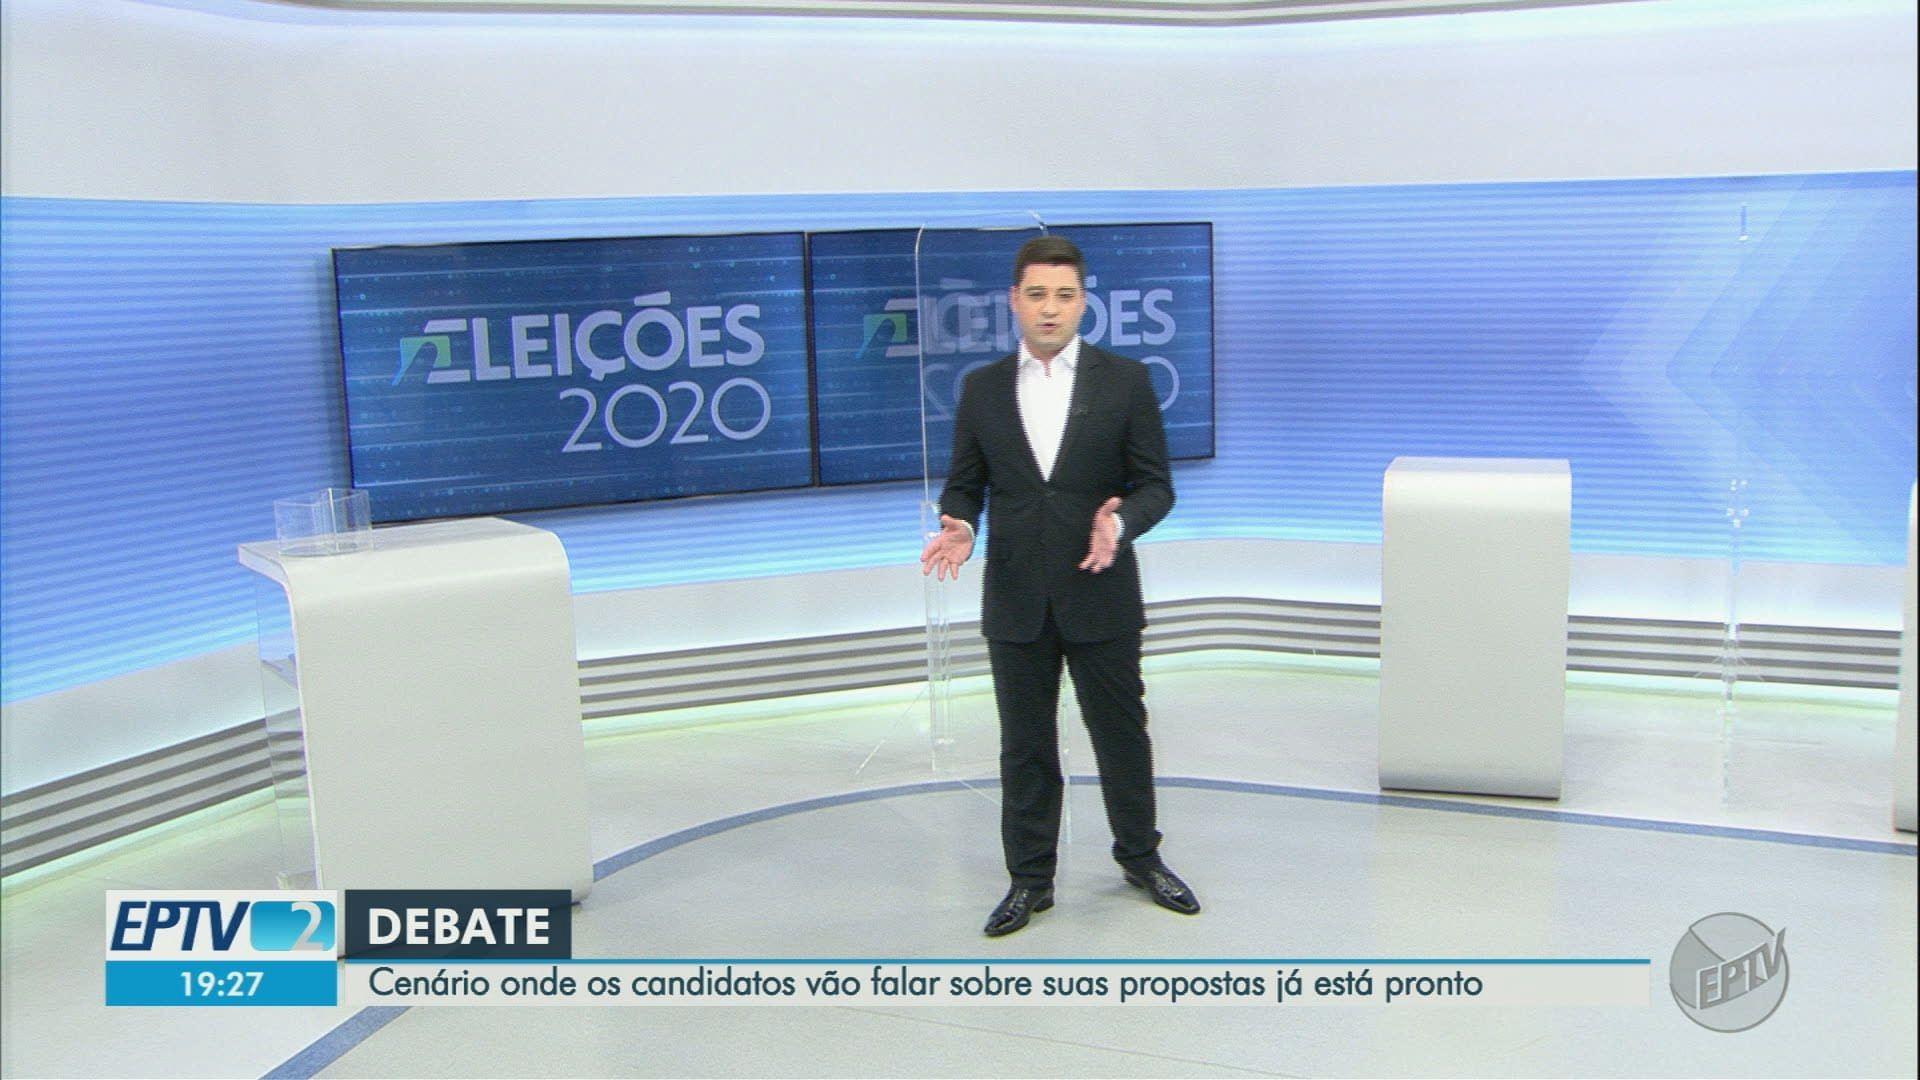 VÍDEOS: EPTV 2 Ribeirão Preto de sexta-feira, 27 de novembro de 2020